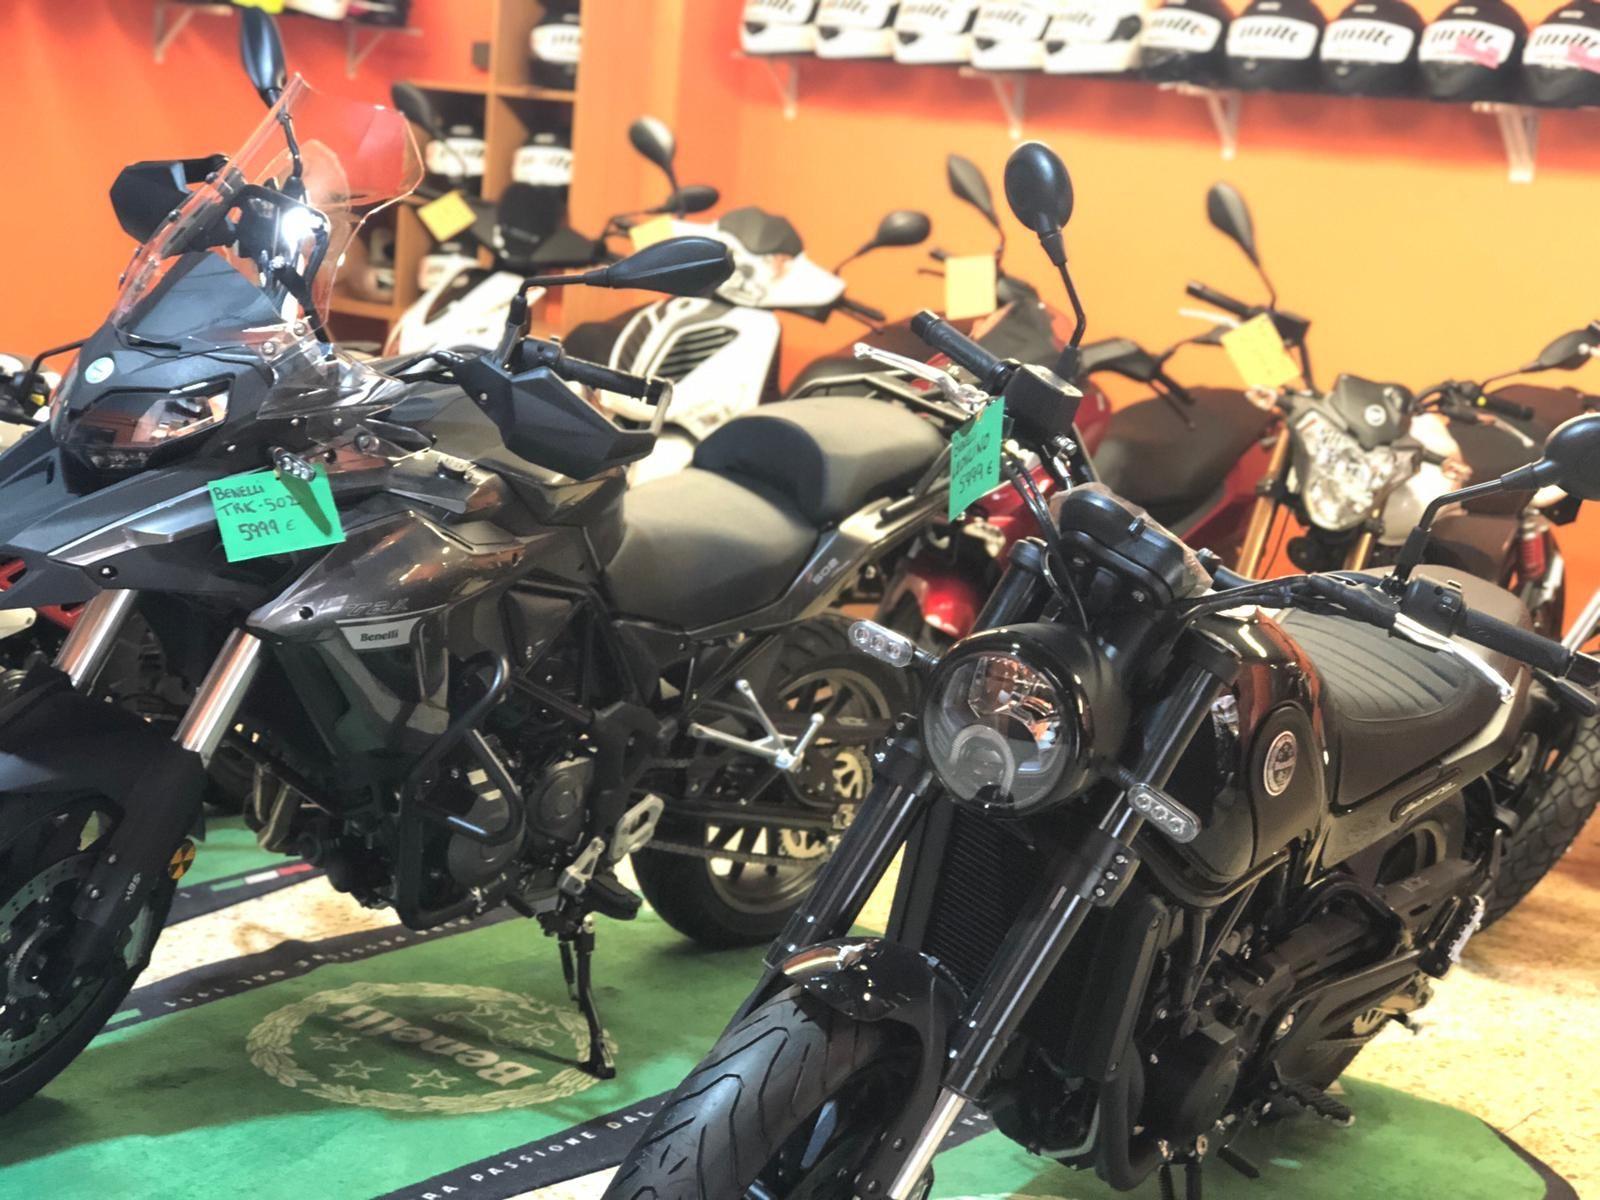 Tienda de motos Lleida